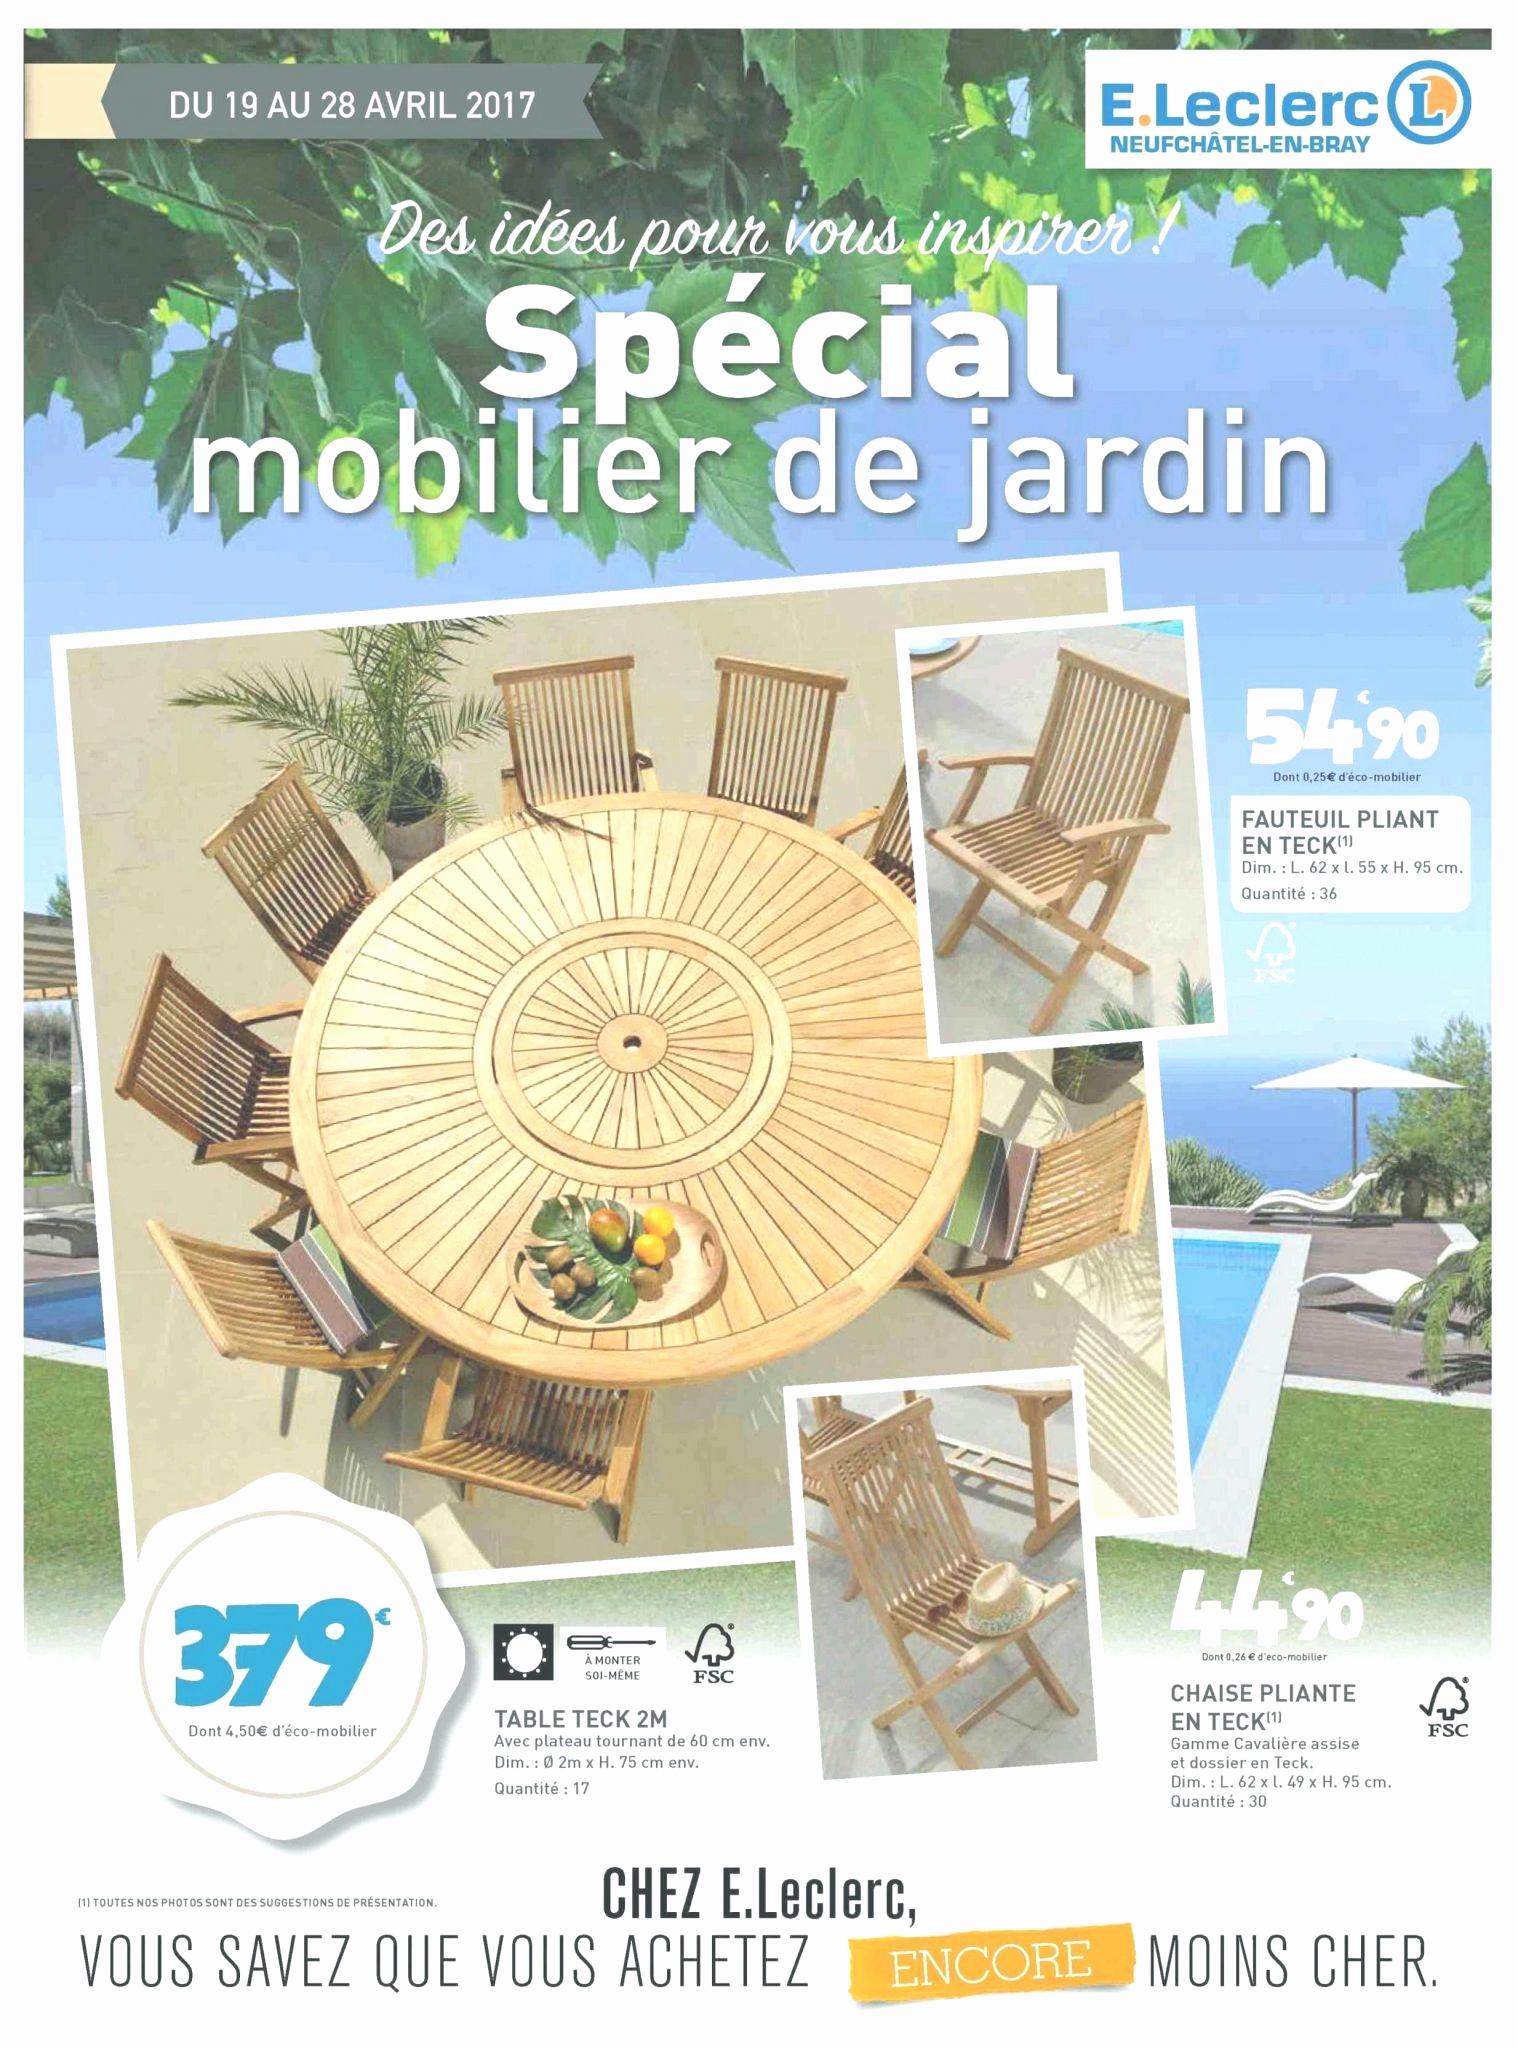 Salon Jardin Leclerc Nouveau Salon De Jardin Leclerc Catalogue 2017 Le Meilleur De Table Of 31 Élégant Salon Jardin Leclerc